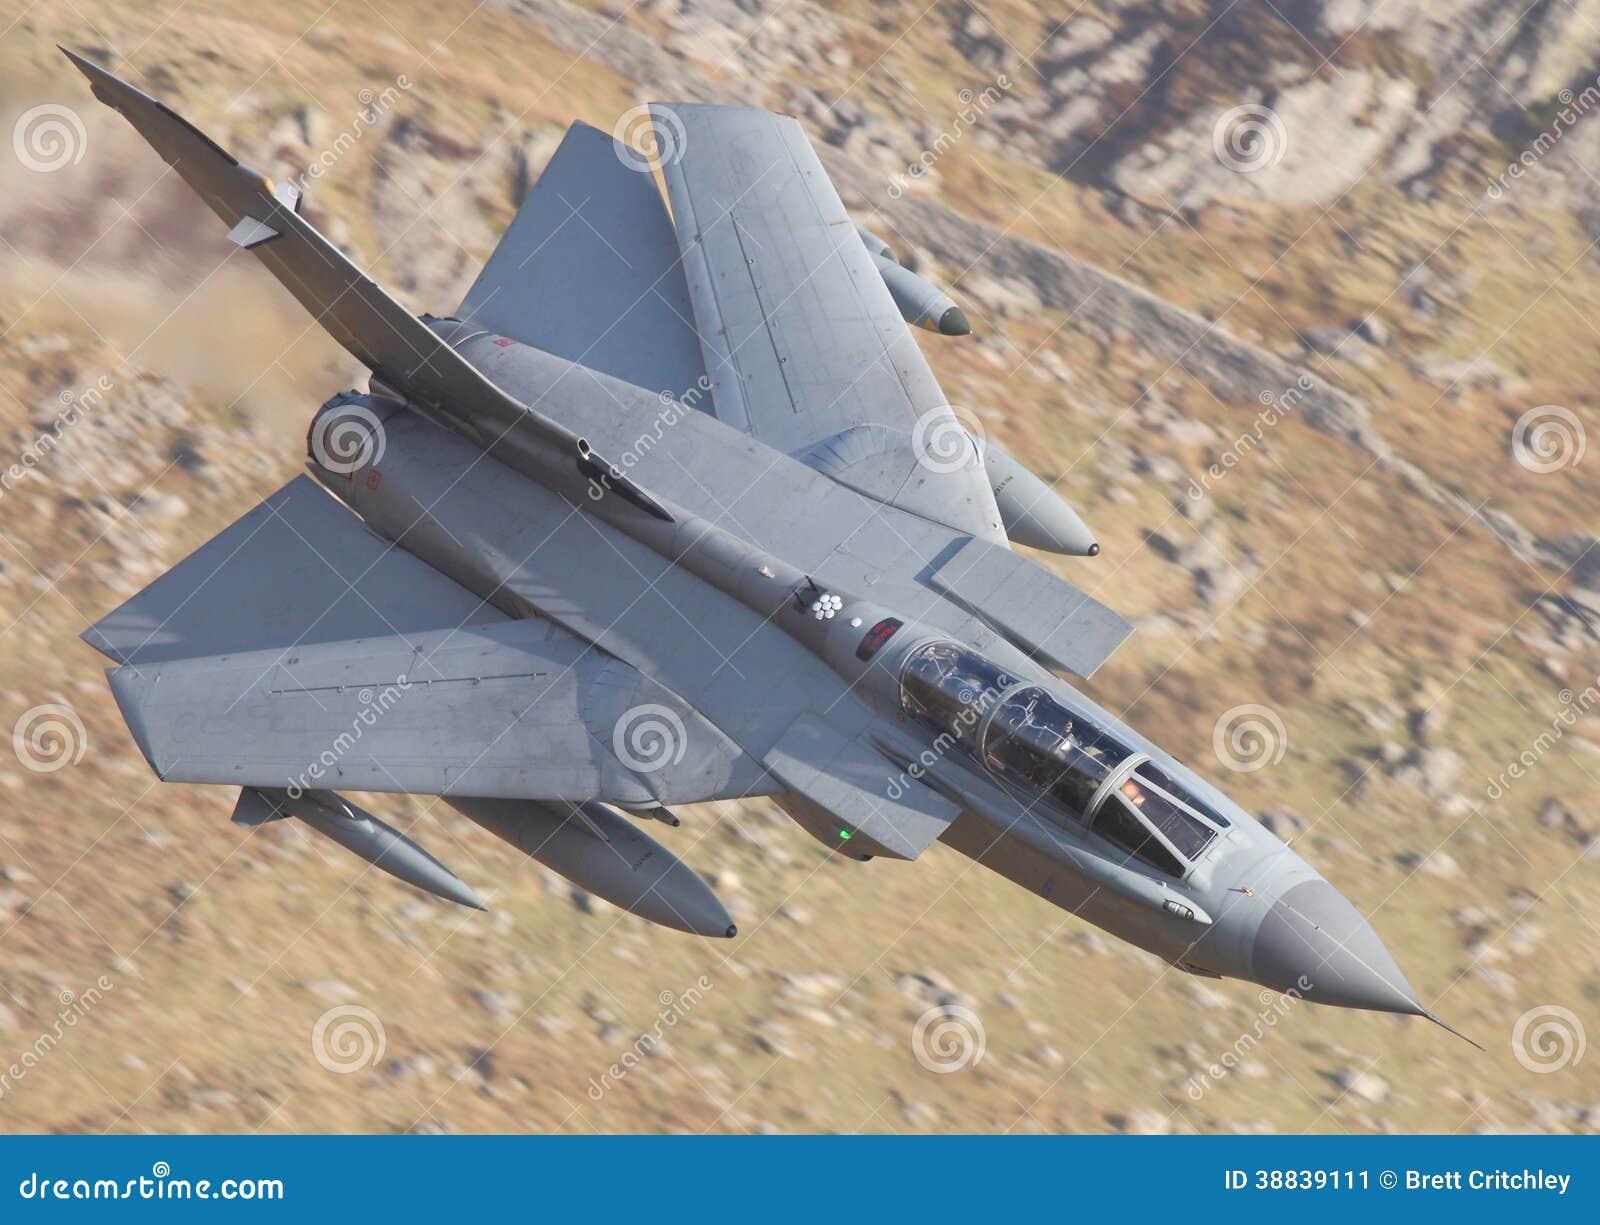 Aereo Da Guerra Caccia : Aereo da caccia spazzato di tornado fotografia stock